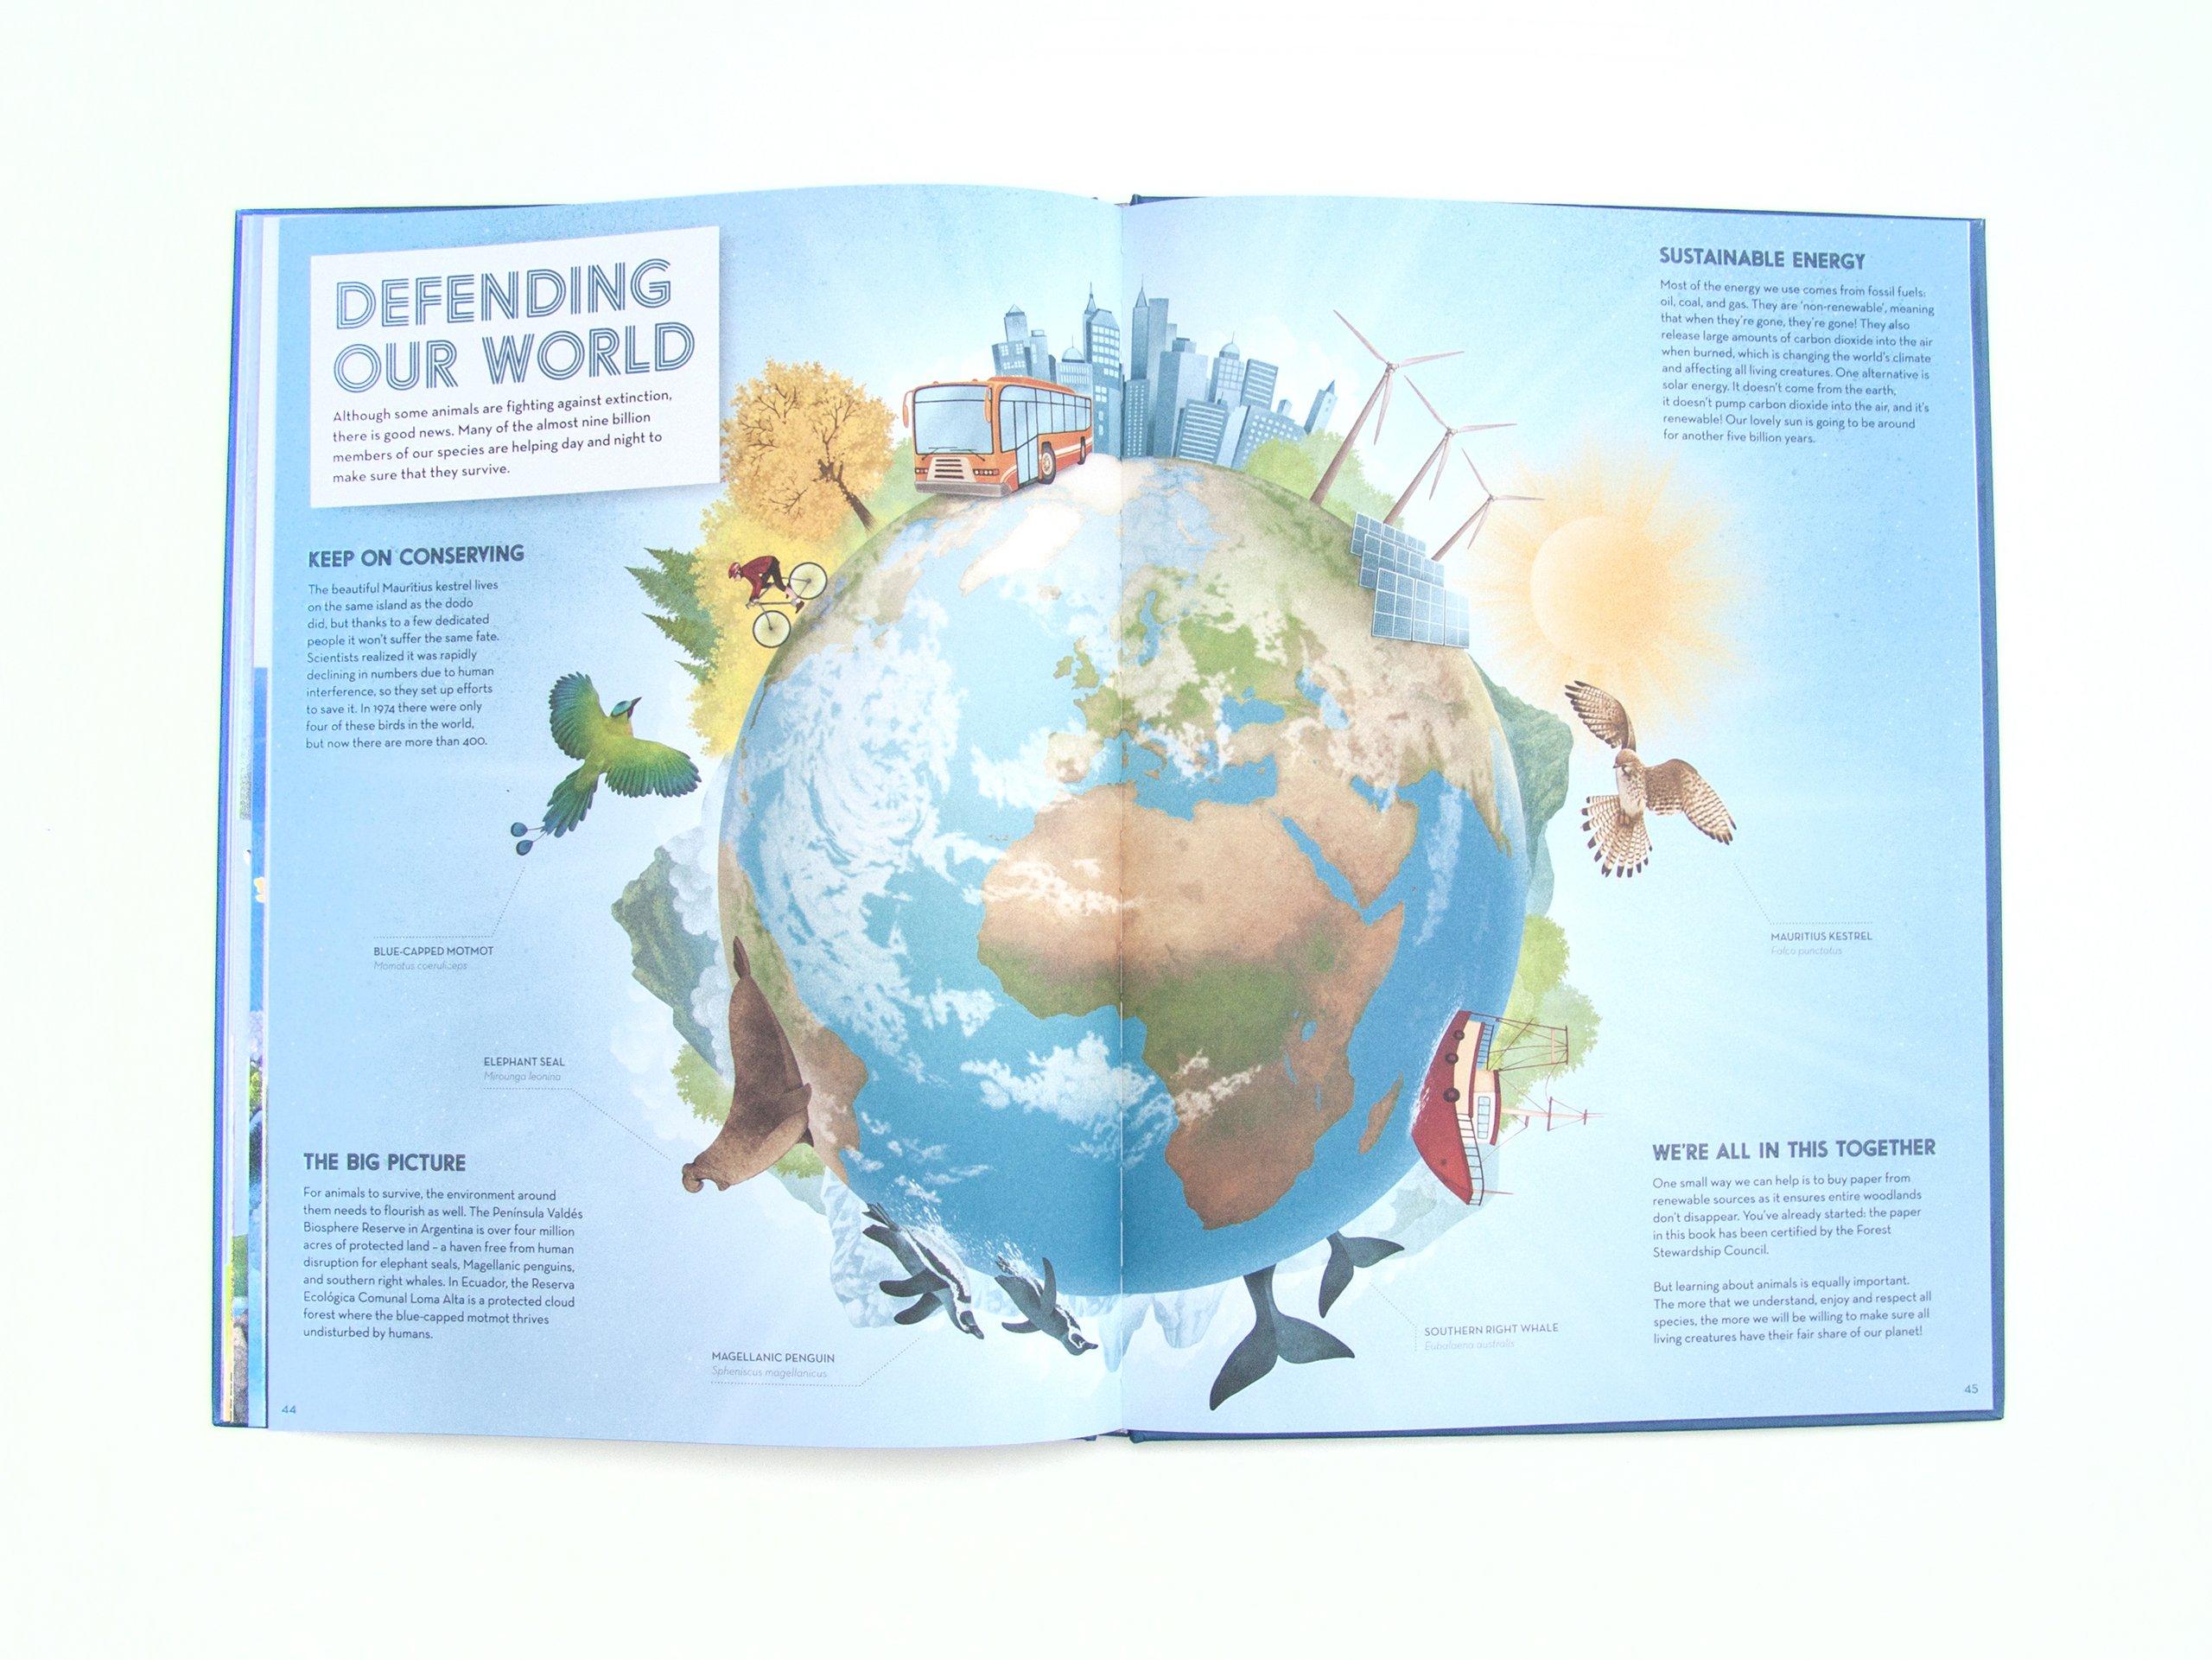 The Amazing Animal Atlas Dr Nick Crumpton Gaia Bordicchia Elephant Seal Diagram For Pinterest 9781909263116 Books